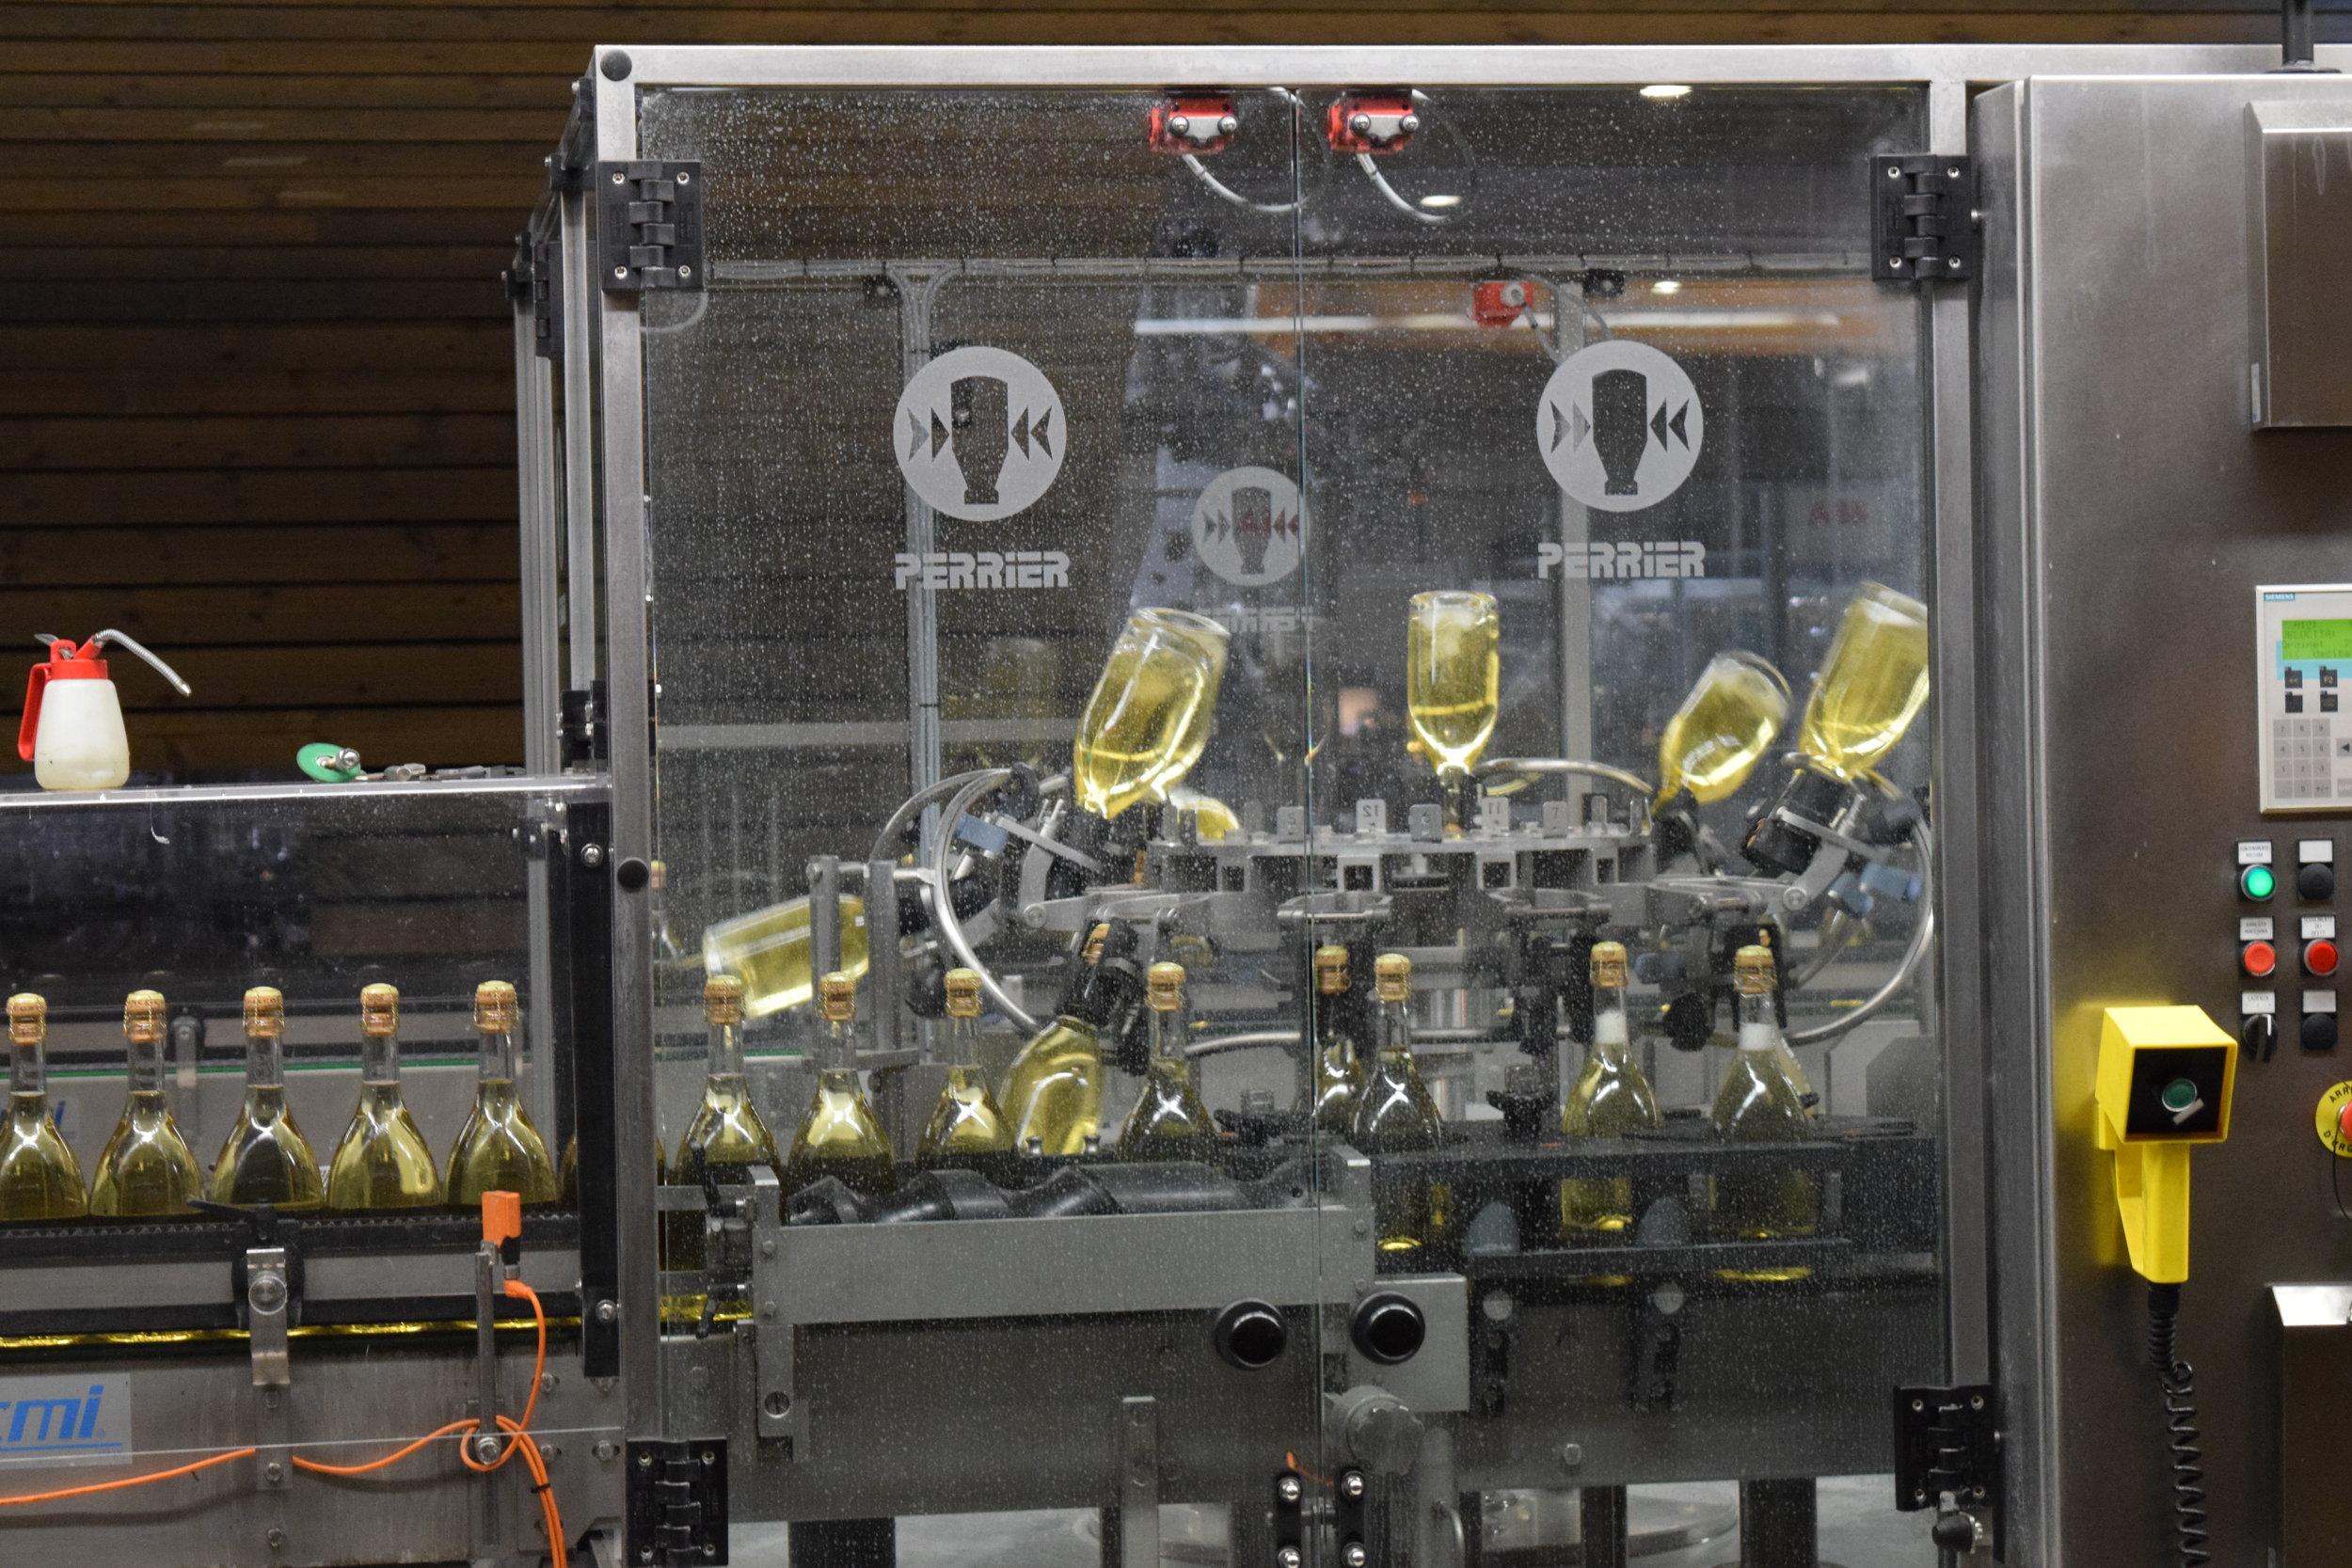 Disgorgement machine, photo by Becca Yeamans Irwin